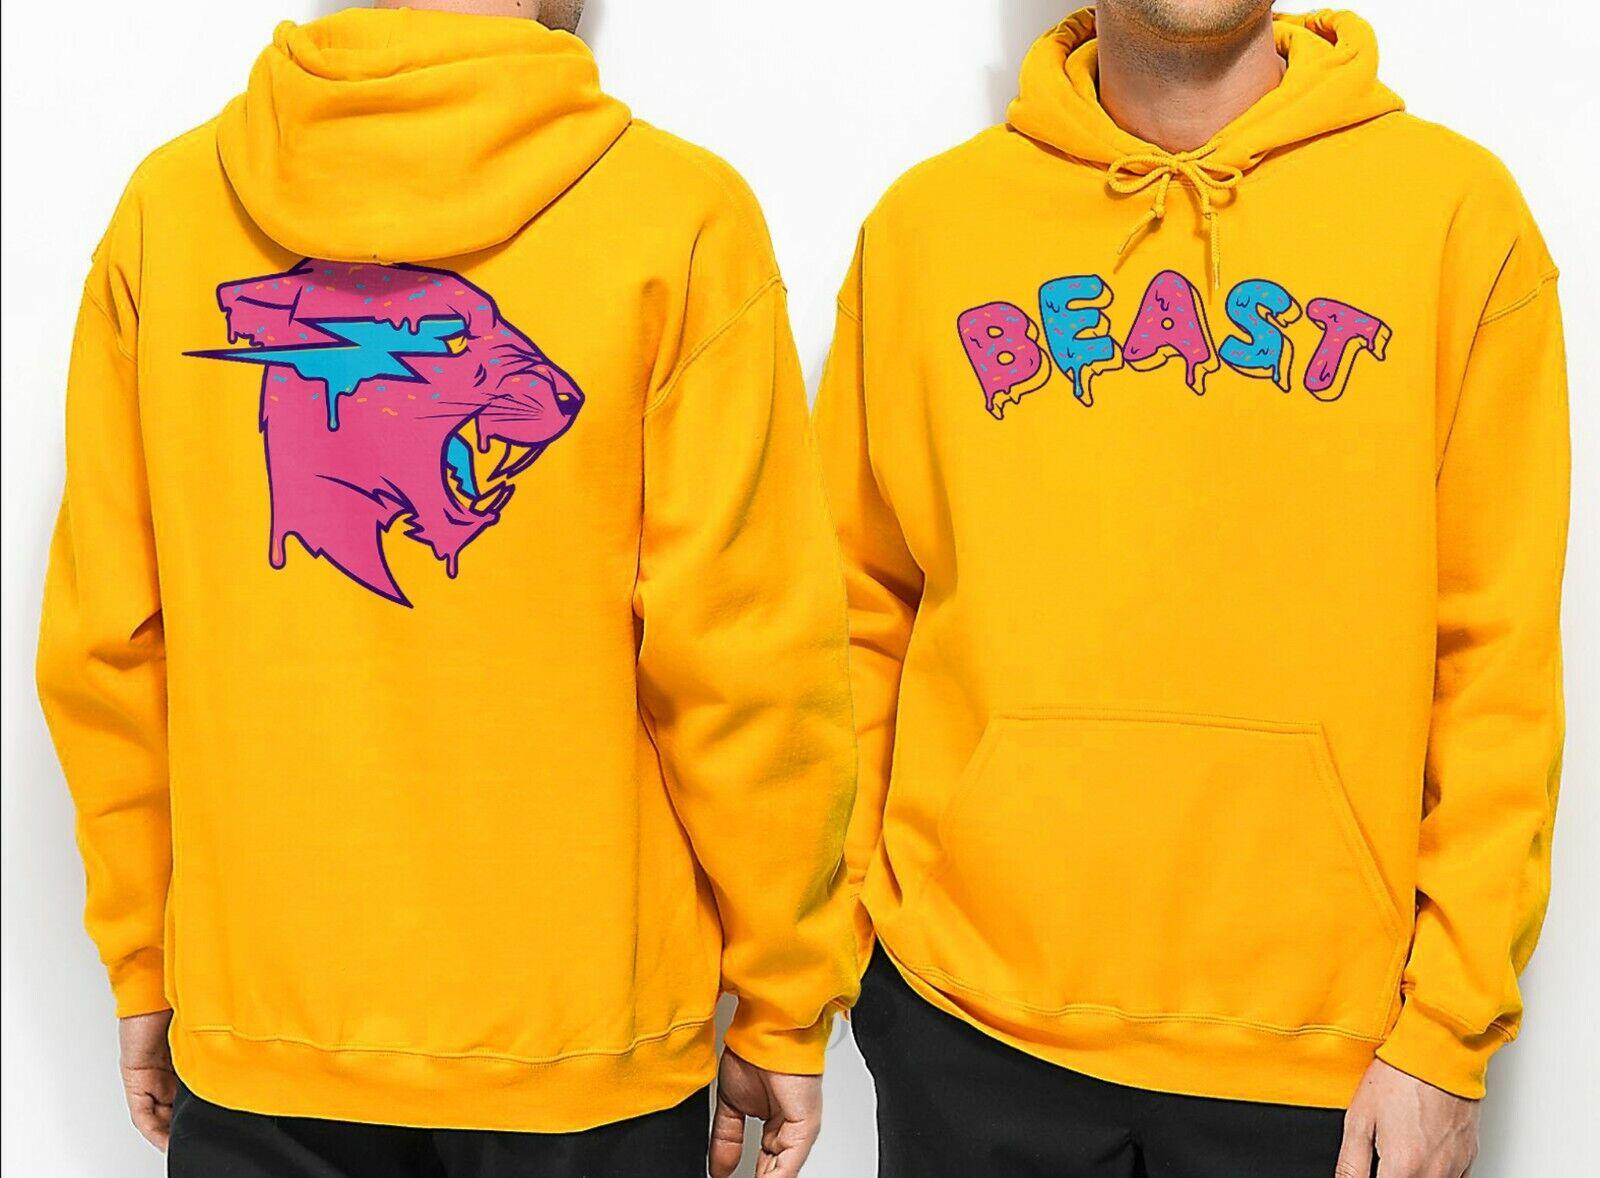 Frosted Beast Hoodie Mr Beast Yum Yum Hoodie MrBeast Merch Adult Mr Beast  Hoodie | eBay